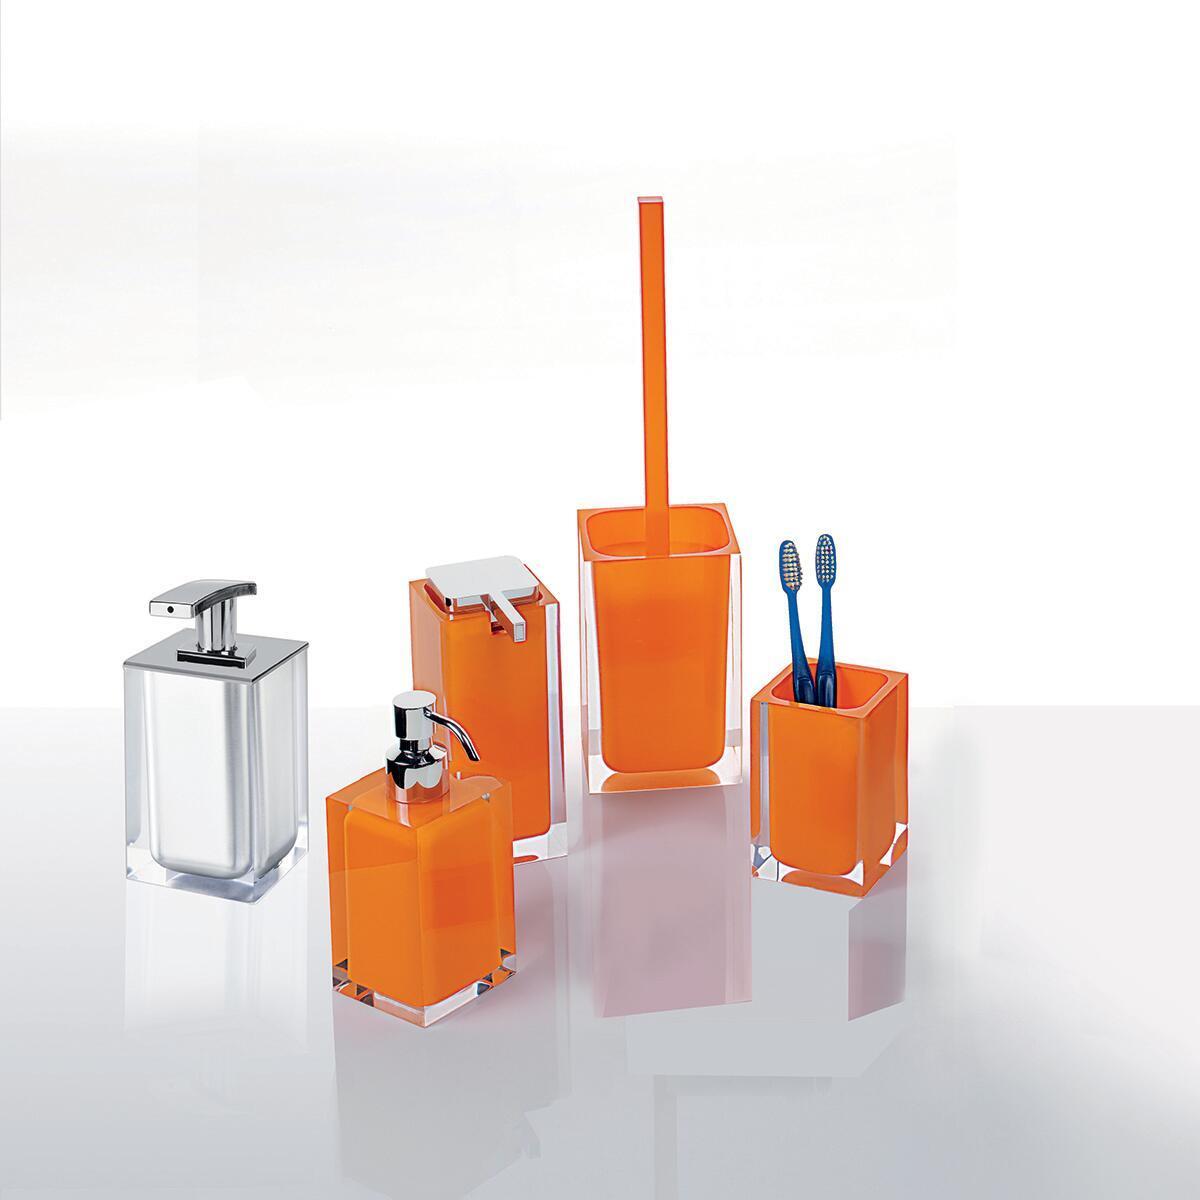 Porta scopino wc da appoggio Rainbow in resina arancione - 2